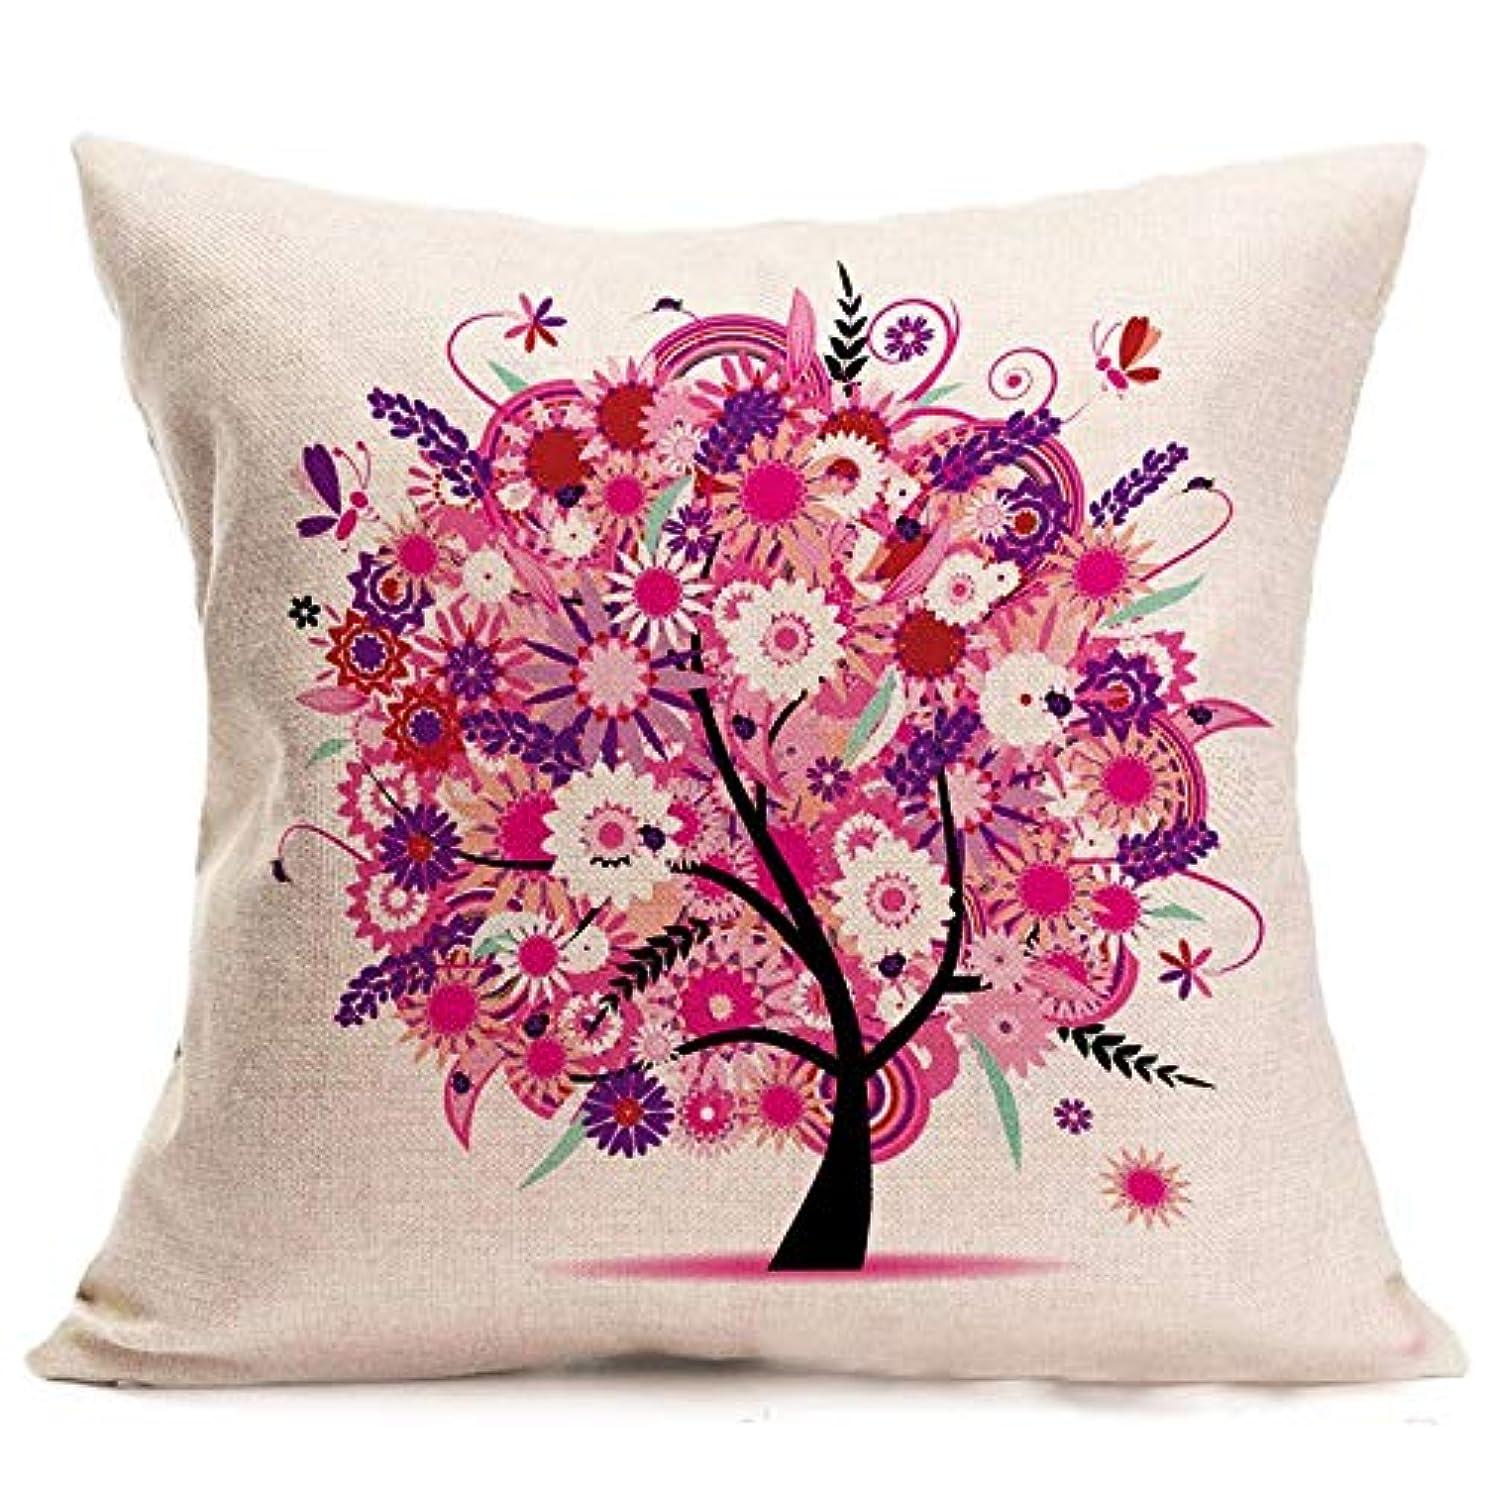 可愛いはねかける花弁LIFE 送料無料リネンクッション、枕 (含まないフィリング) 40 × 40 センチメートル、 45 × 45 センチメートル、 50 × 50 センチメートル、 60 × 60 センチメートル クッション 椅子